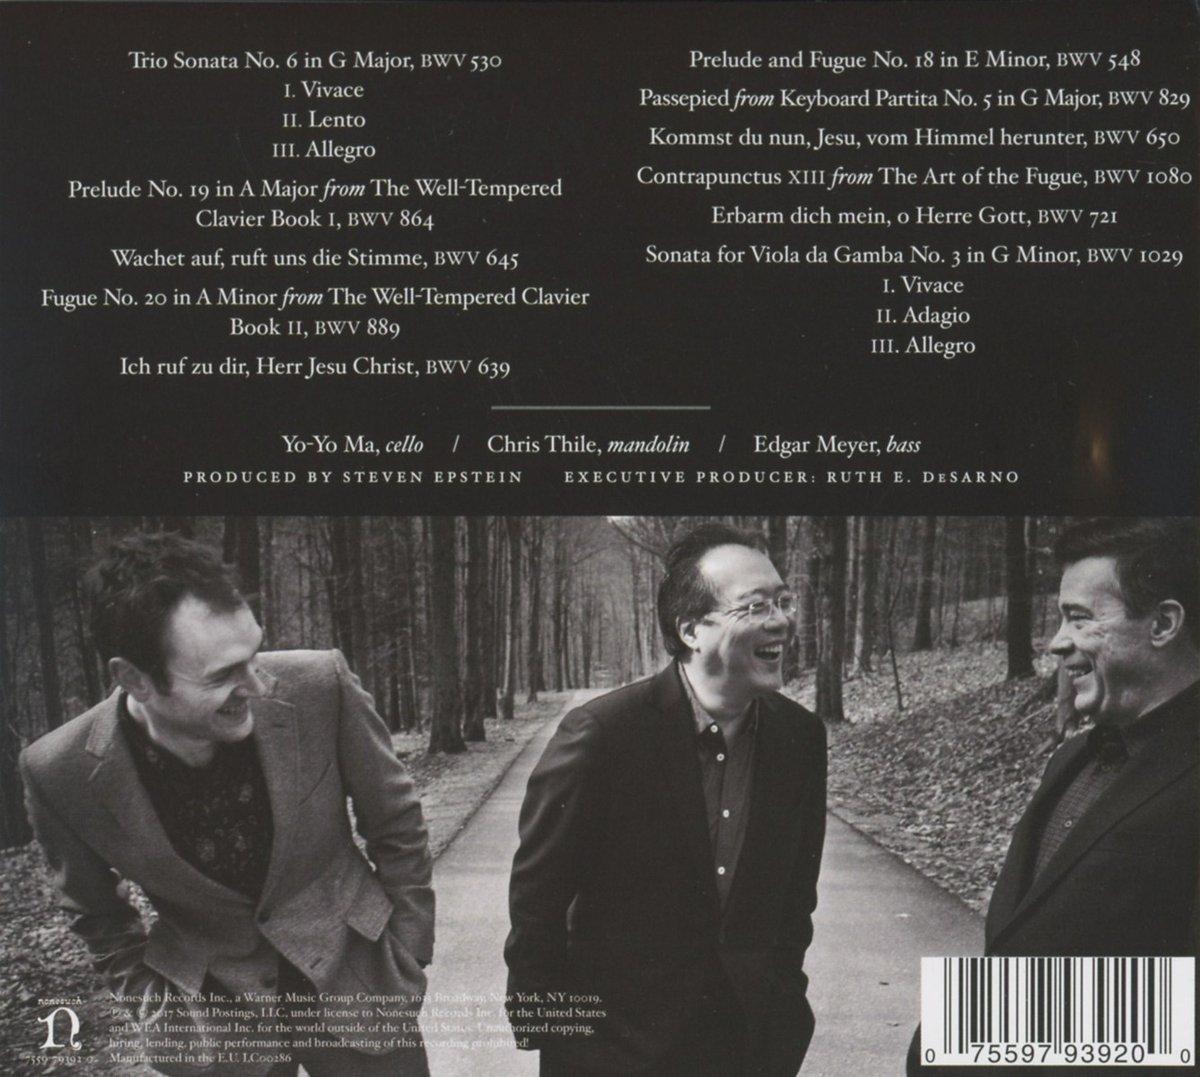 Yo-Yo Ma - Bach's Instrumental Works - Discography